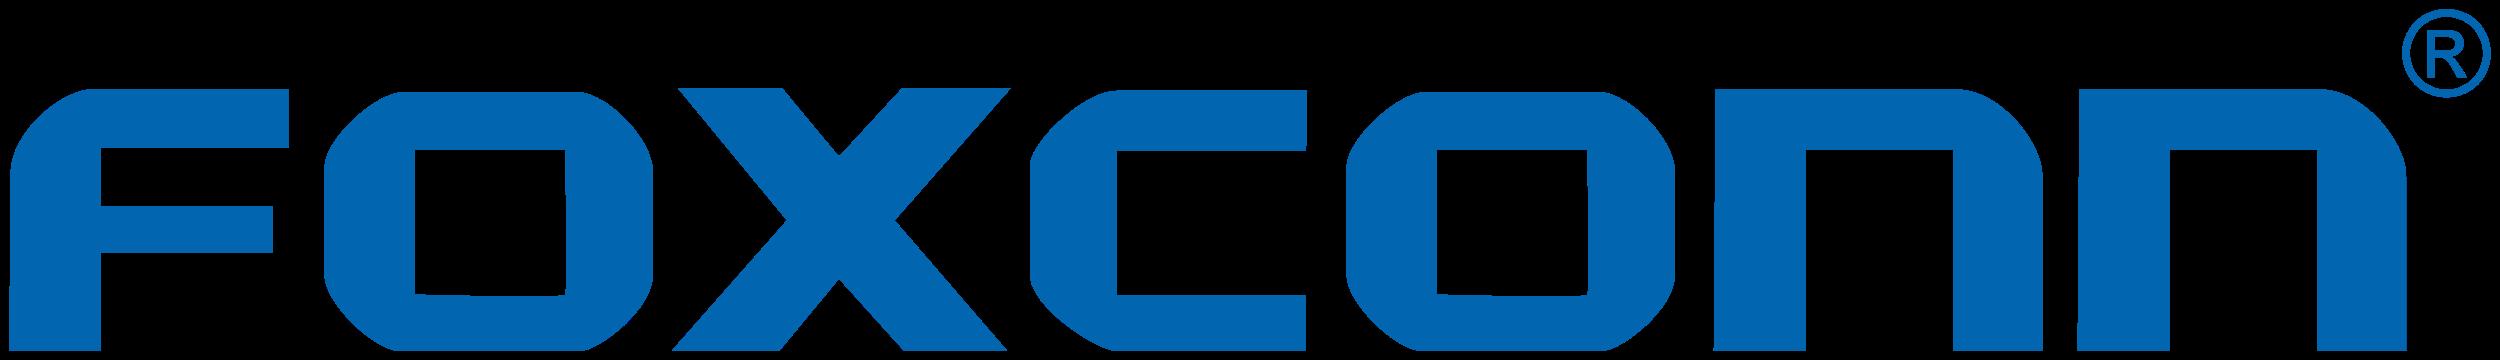 Foxconn Logo.